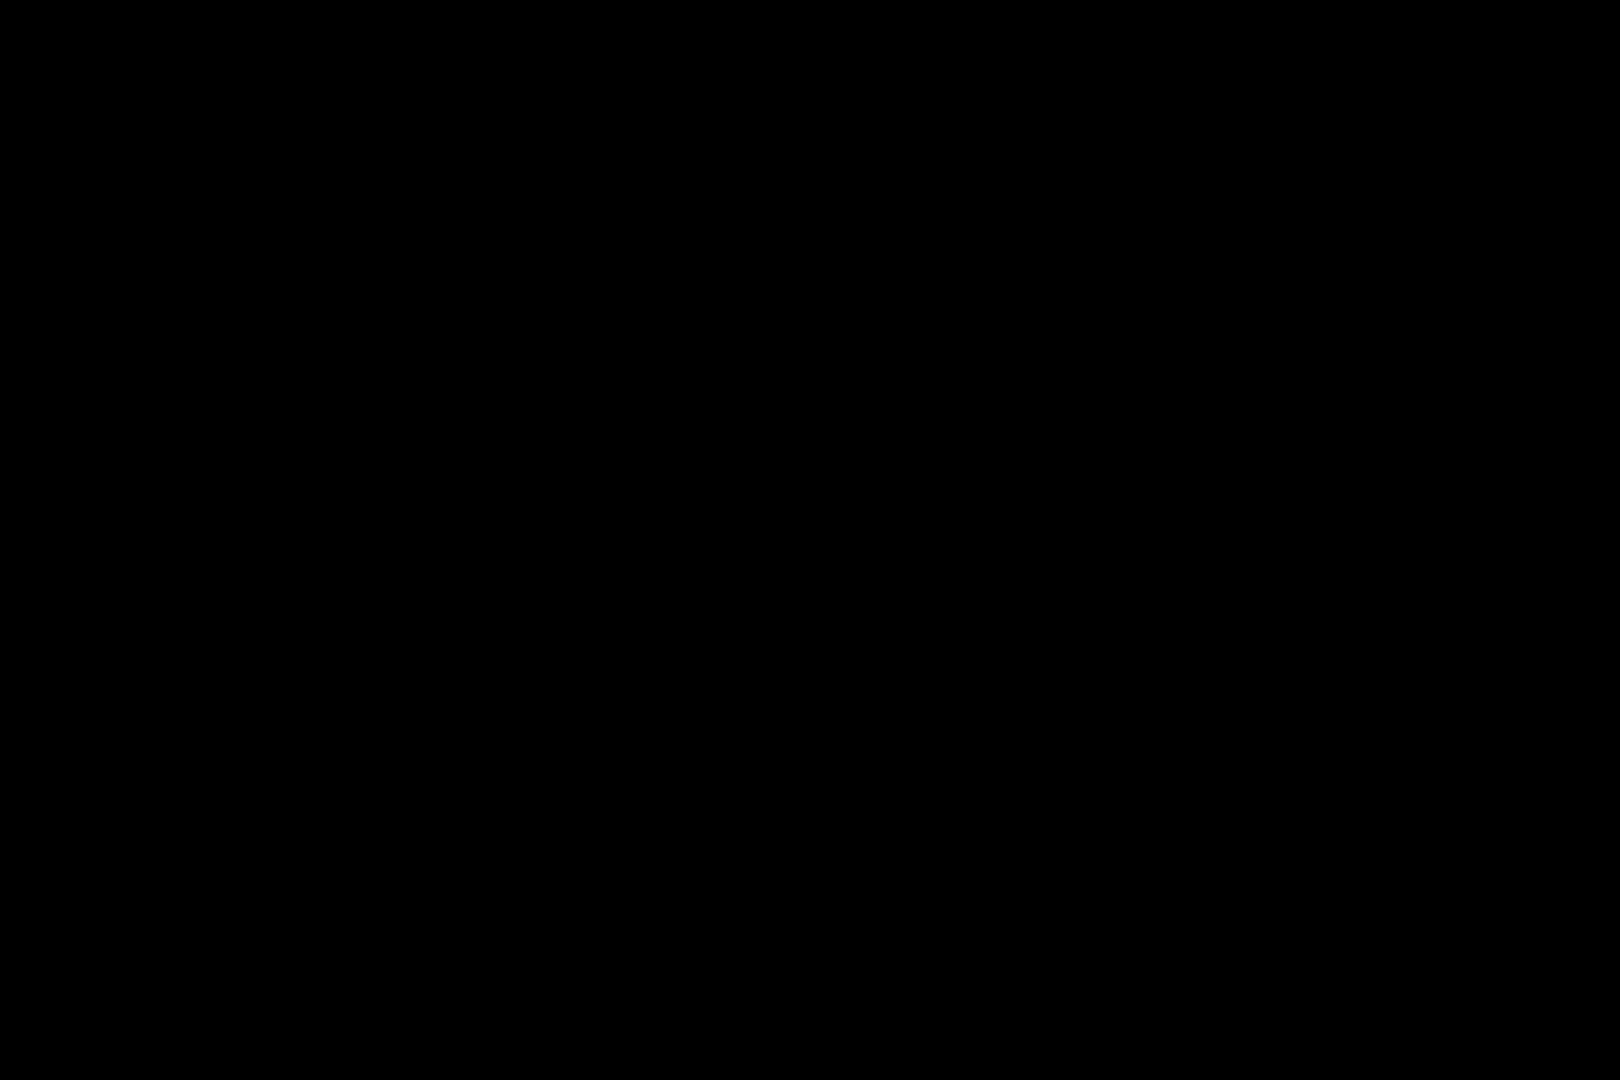 充血監督の深夜の運動会Vol.130 OLセックス 盗撮エロ画像 91画像 54